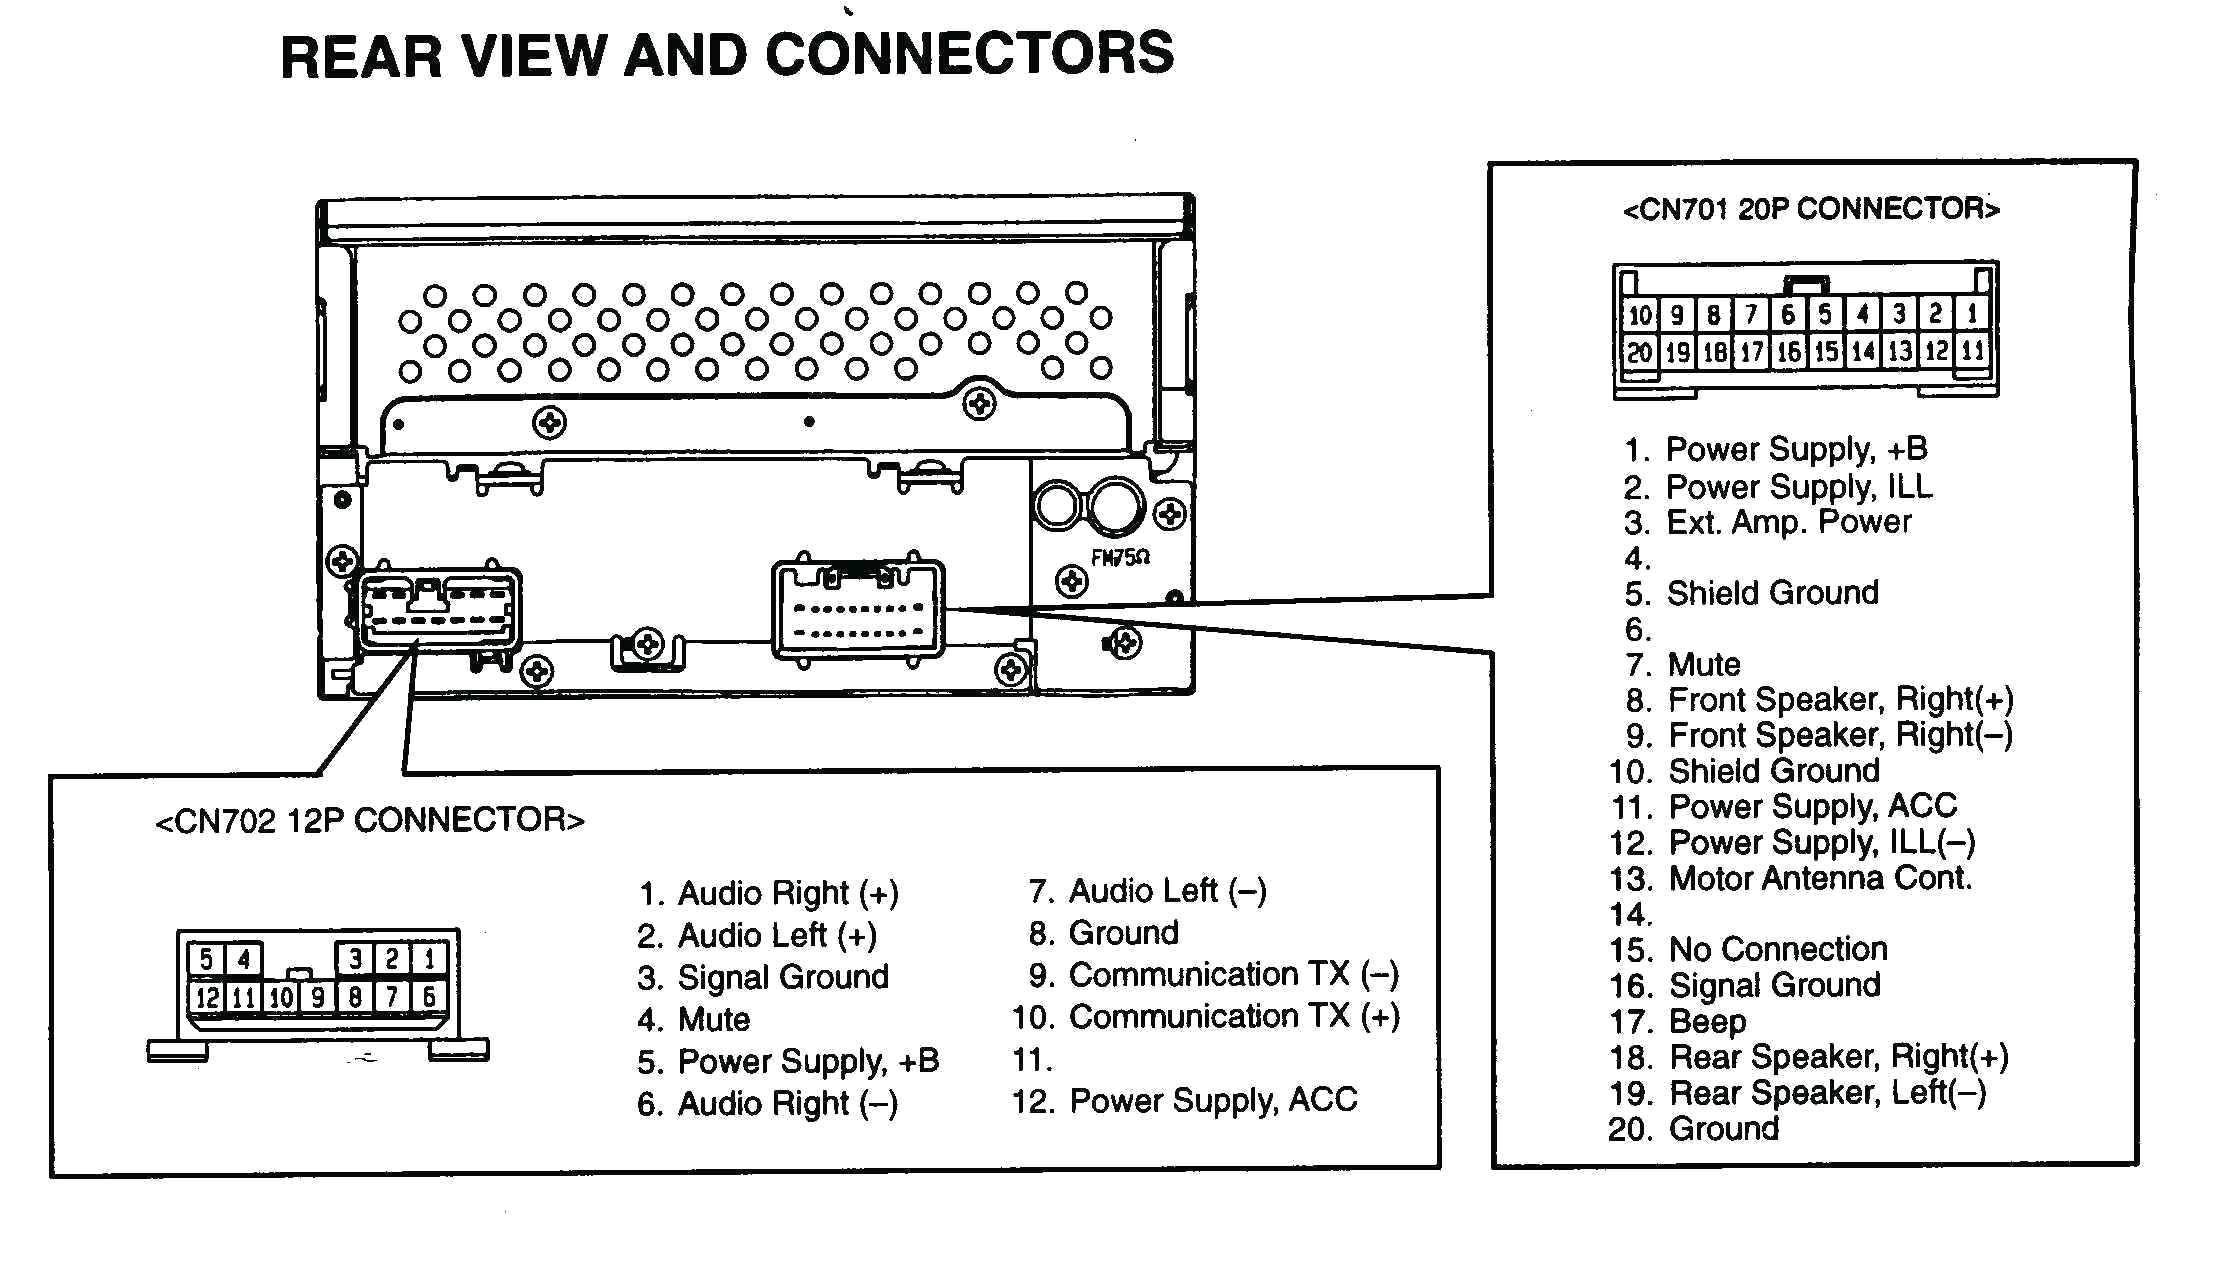 bose car audio amplifier wiring diagram wiring diagram name bose car audio amplifier wiring diagram bose car audio amplifier wiring diagram